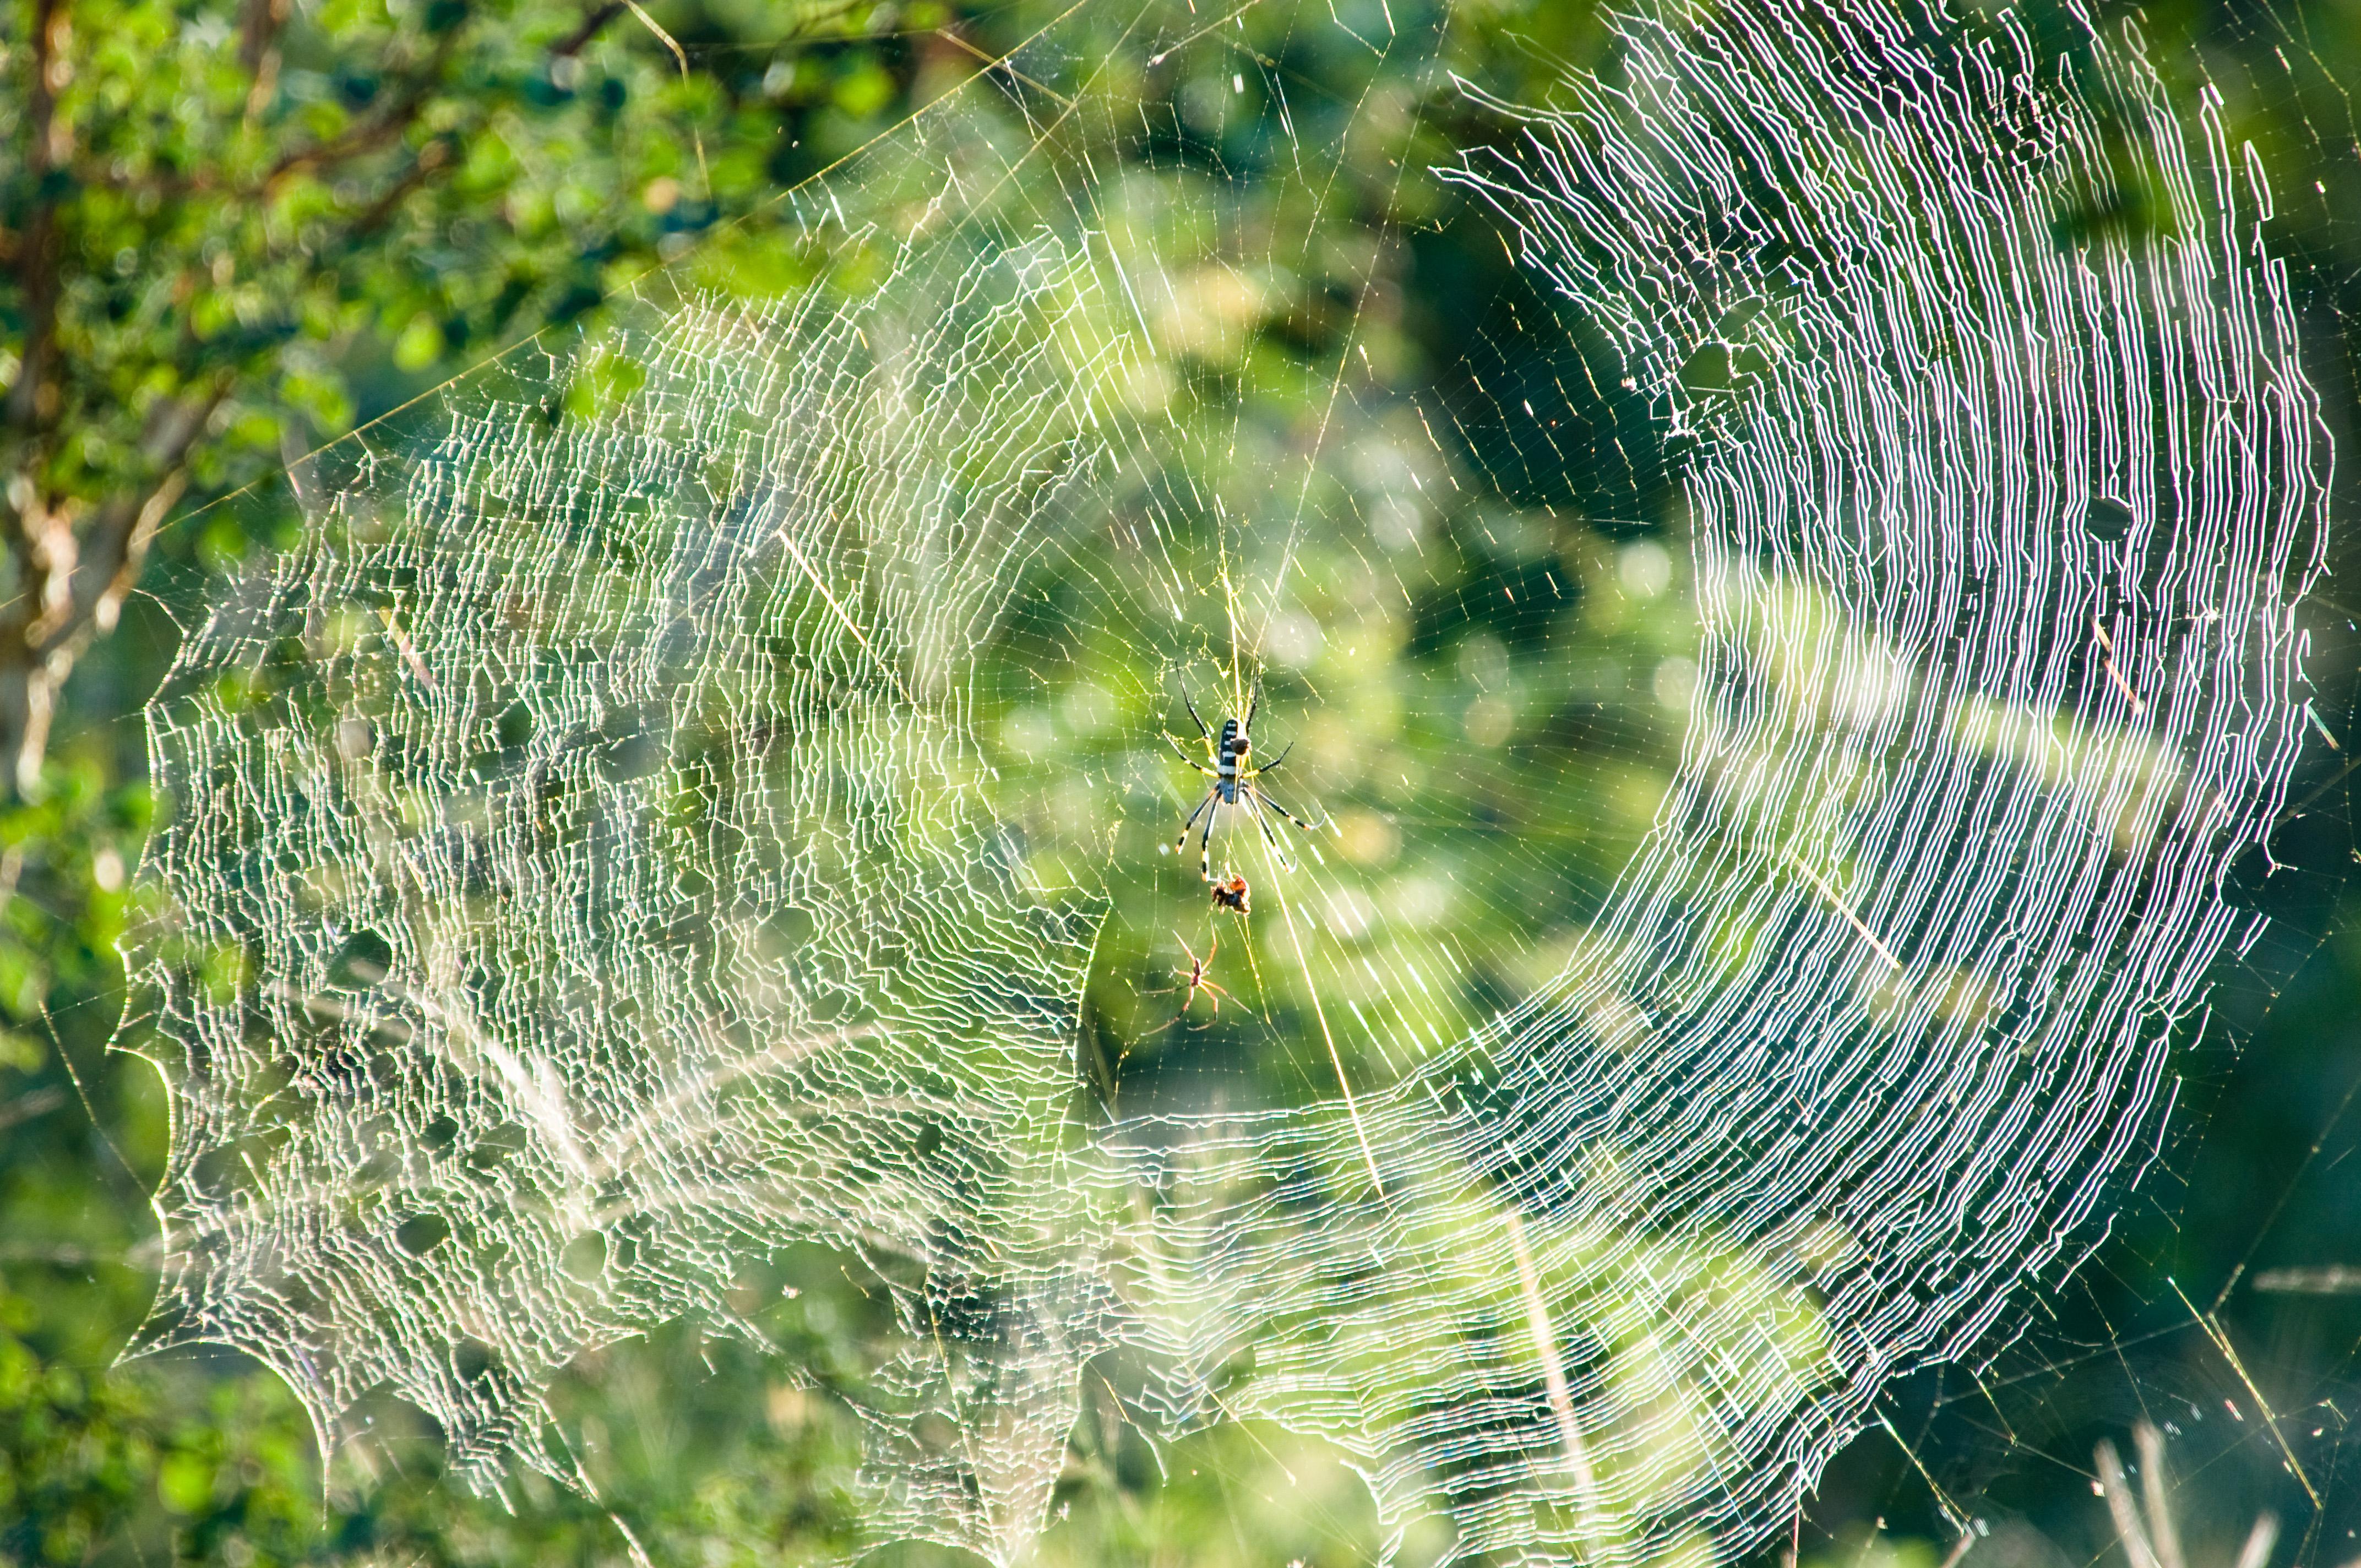 Как избавиться от паутины в доме, на балконе, на деревьях